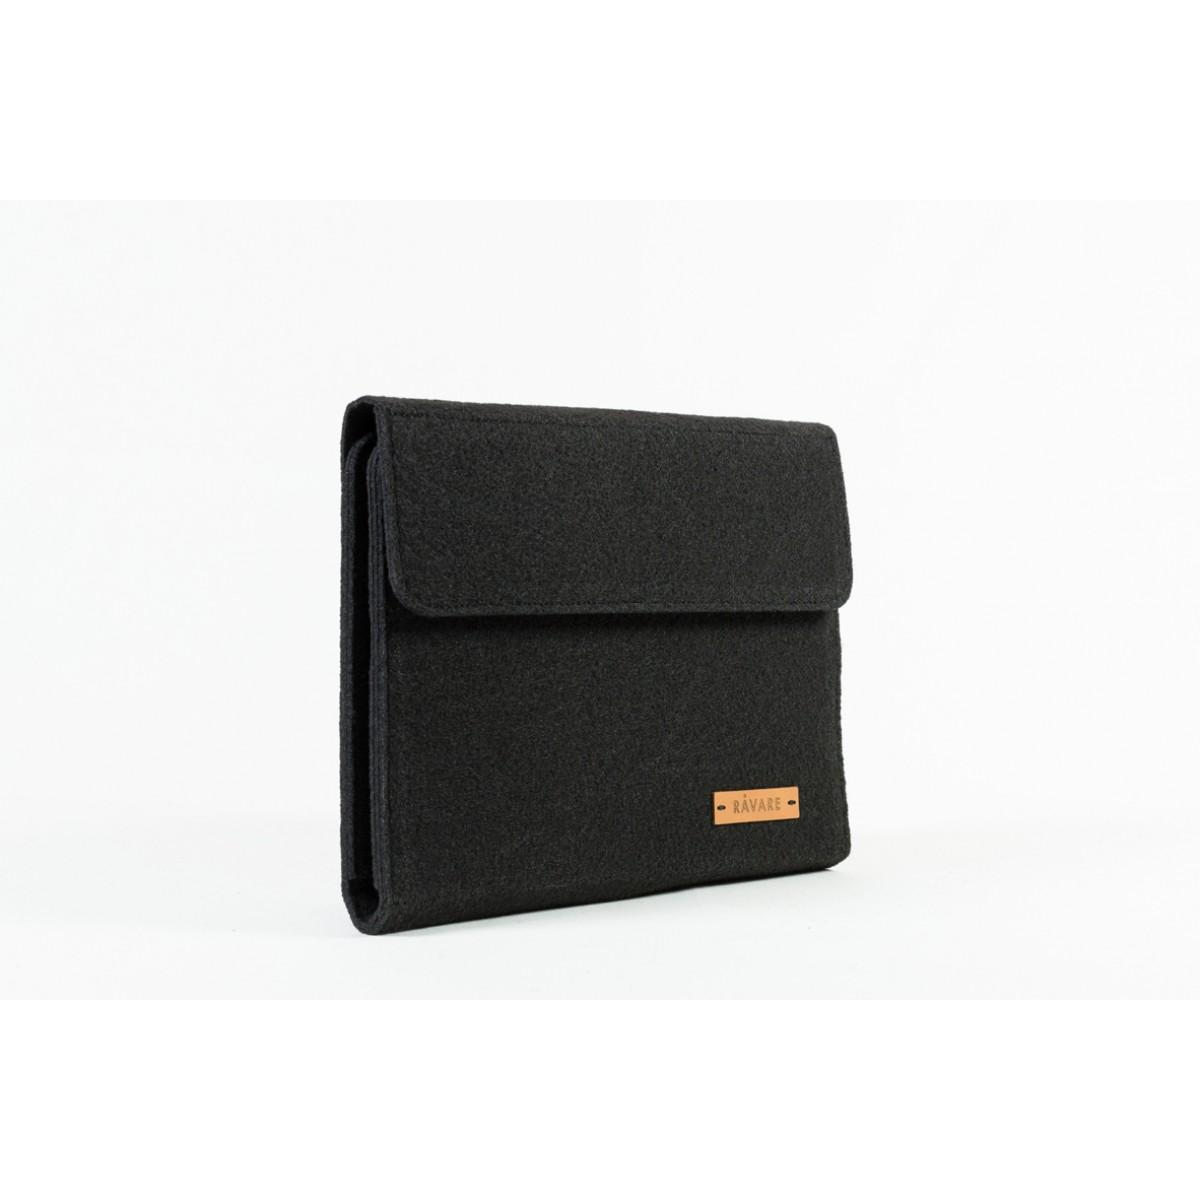 RÅVARE Tablet Organizer für kleine und mittlere Tablets ≤10.1″ mit vielen Stecklaschen, iPad, Samsung in schwarz [KOCO M]